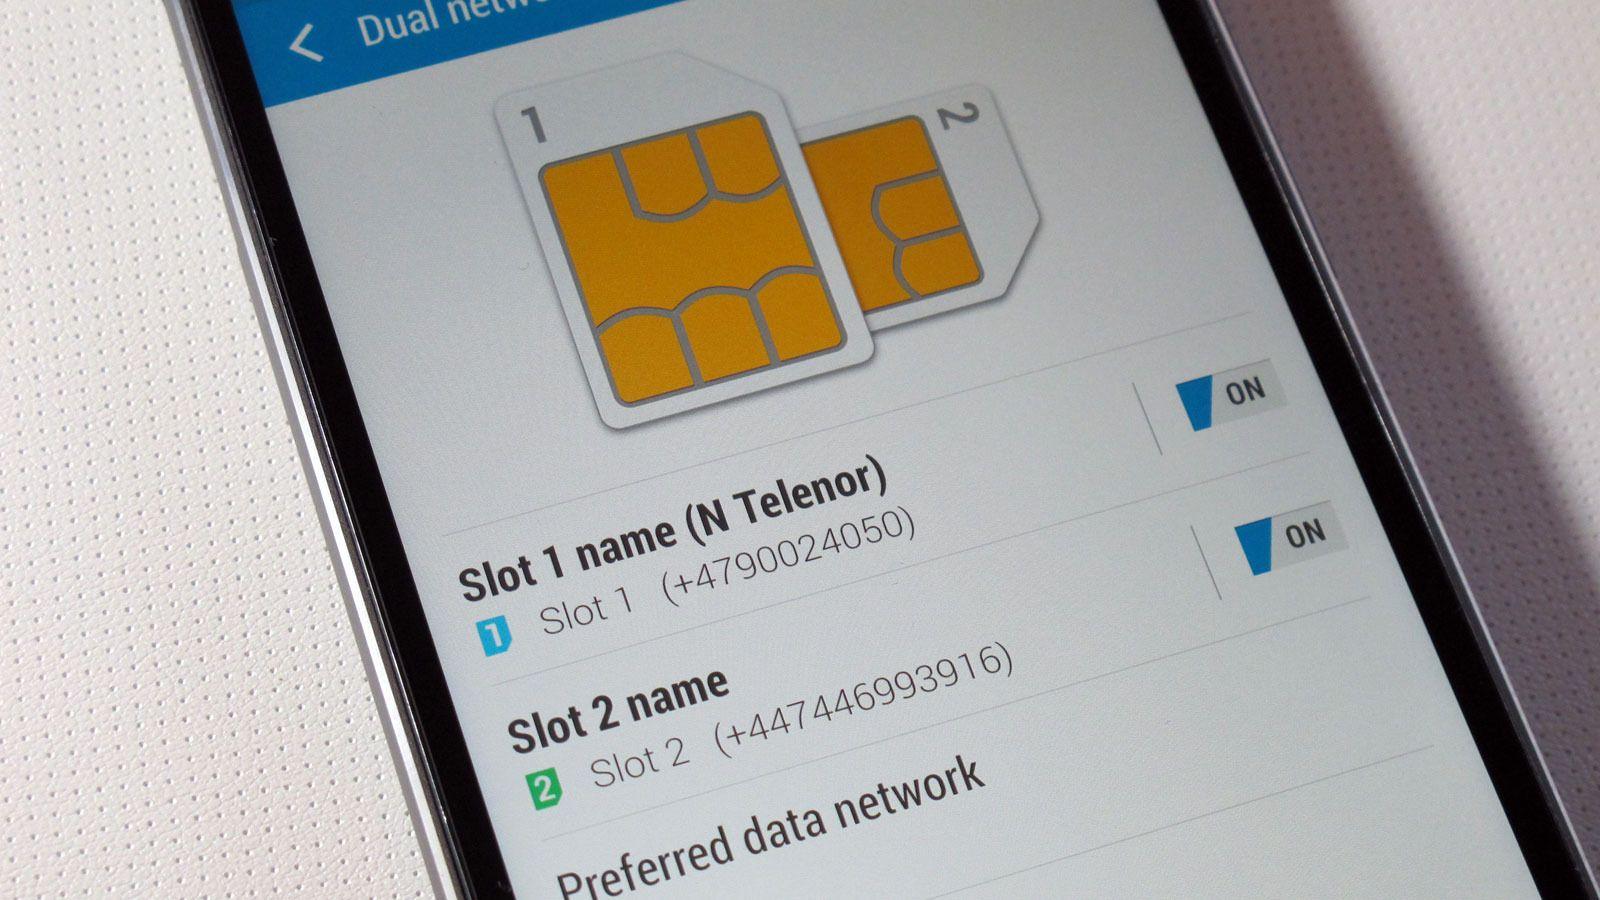 Du må bestemme deg for hvilket av SIM-kortene som skal brukes til dataoverføring.Foto: Espen Irwing Swang, Tek.no